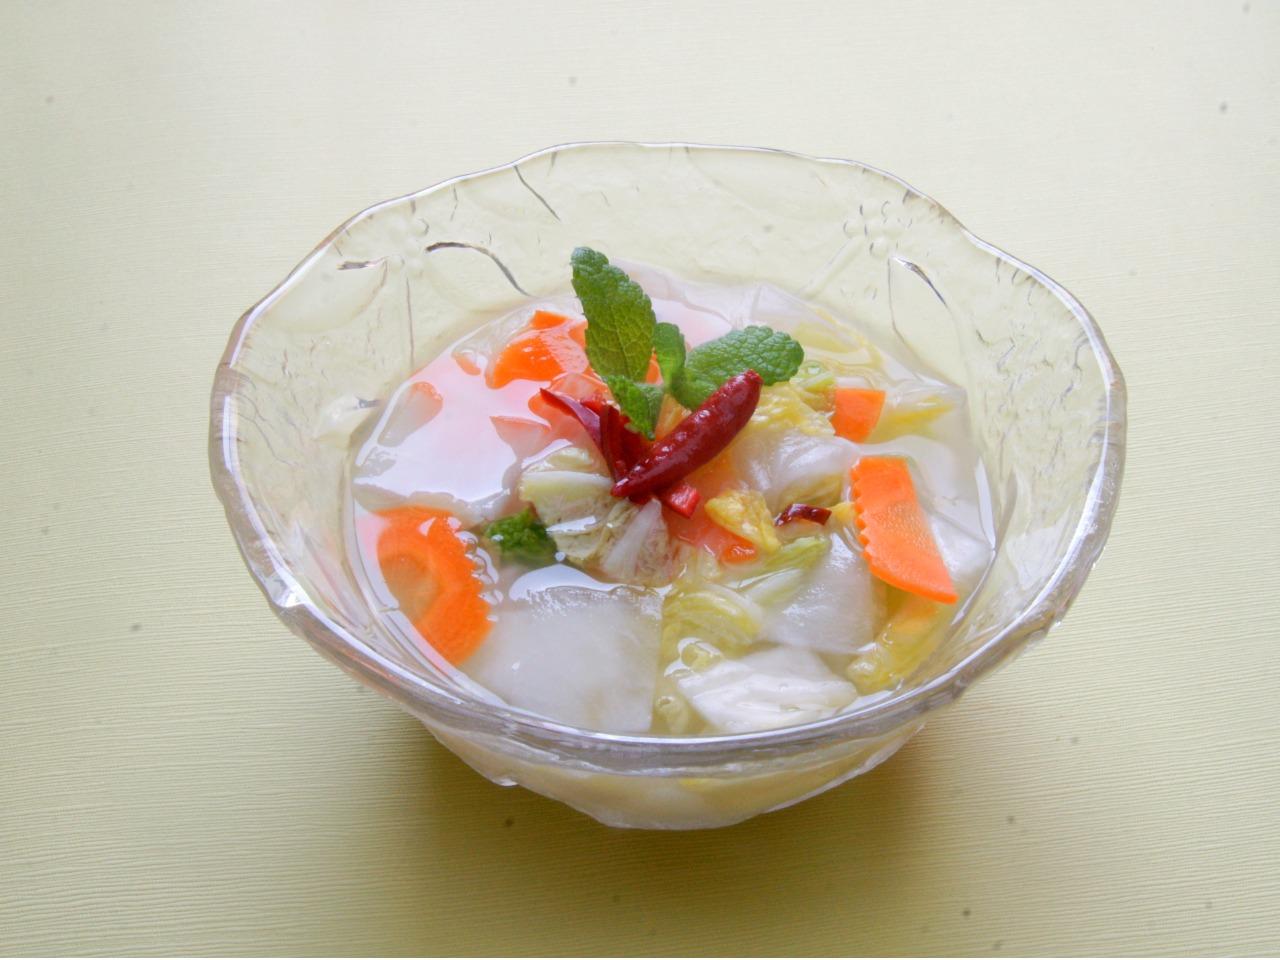 植物乳酸菌3億個! 白菜と大根の水(ムル)キムチ